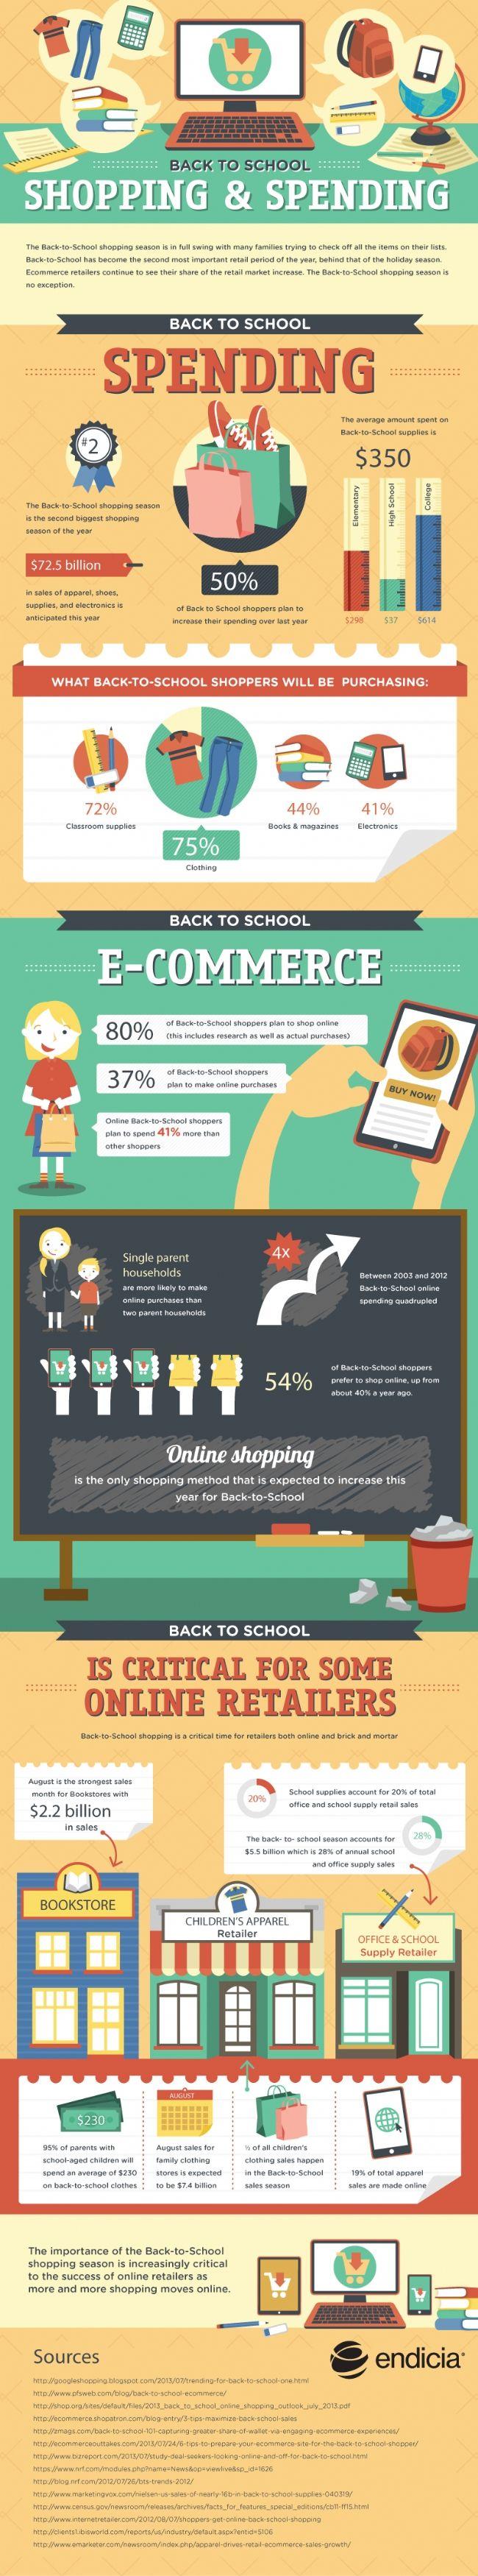 37 des consommateurs pensent acheter des fournitures scolaire en ligne pour la rentr e for Fournitures scolaires en ligne